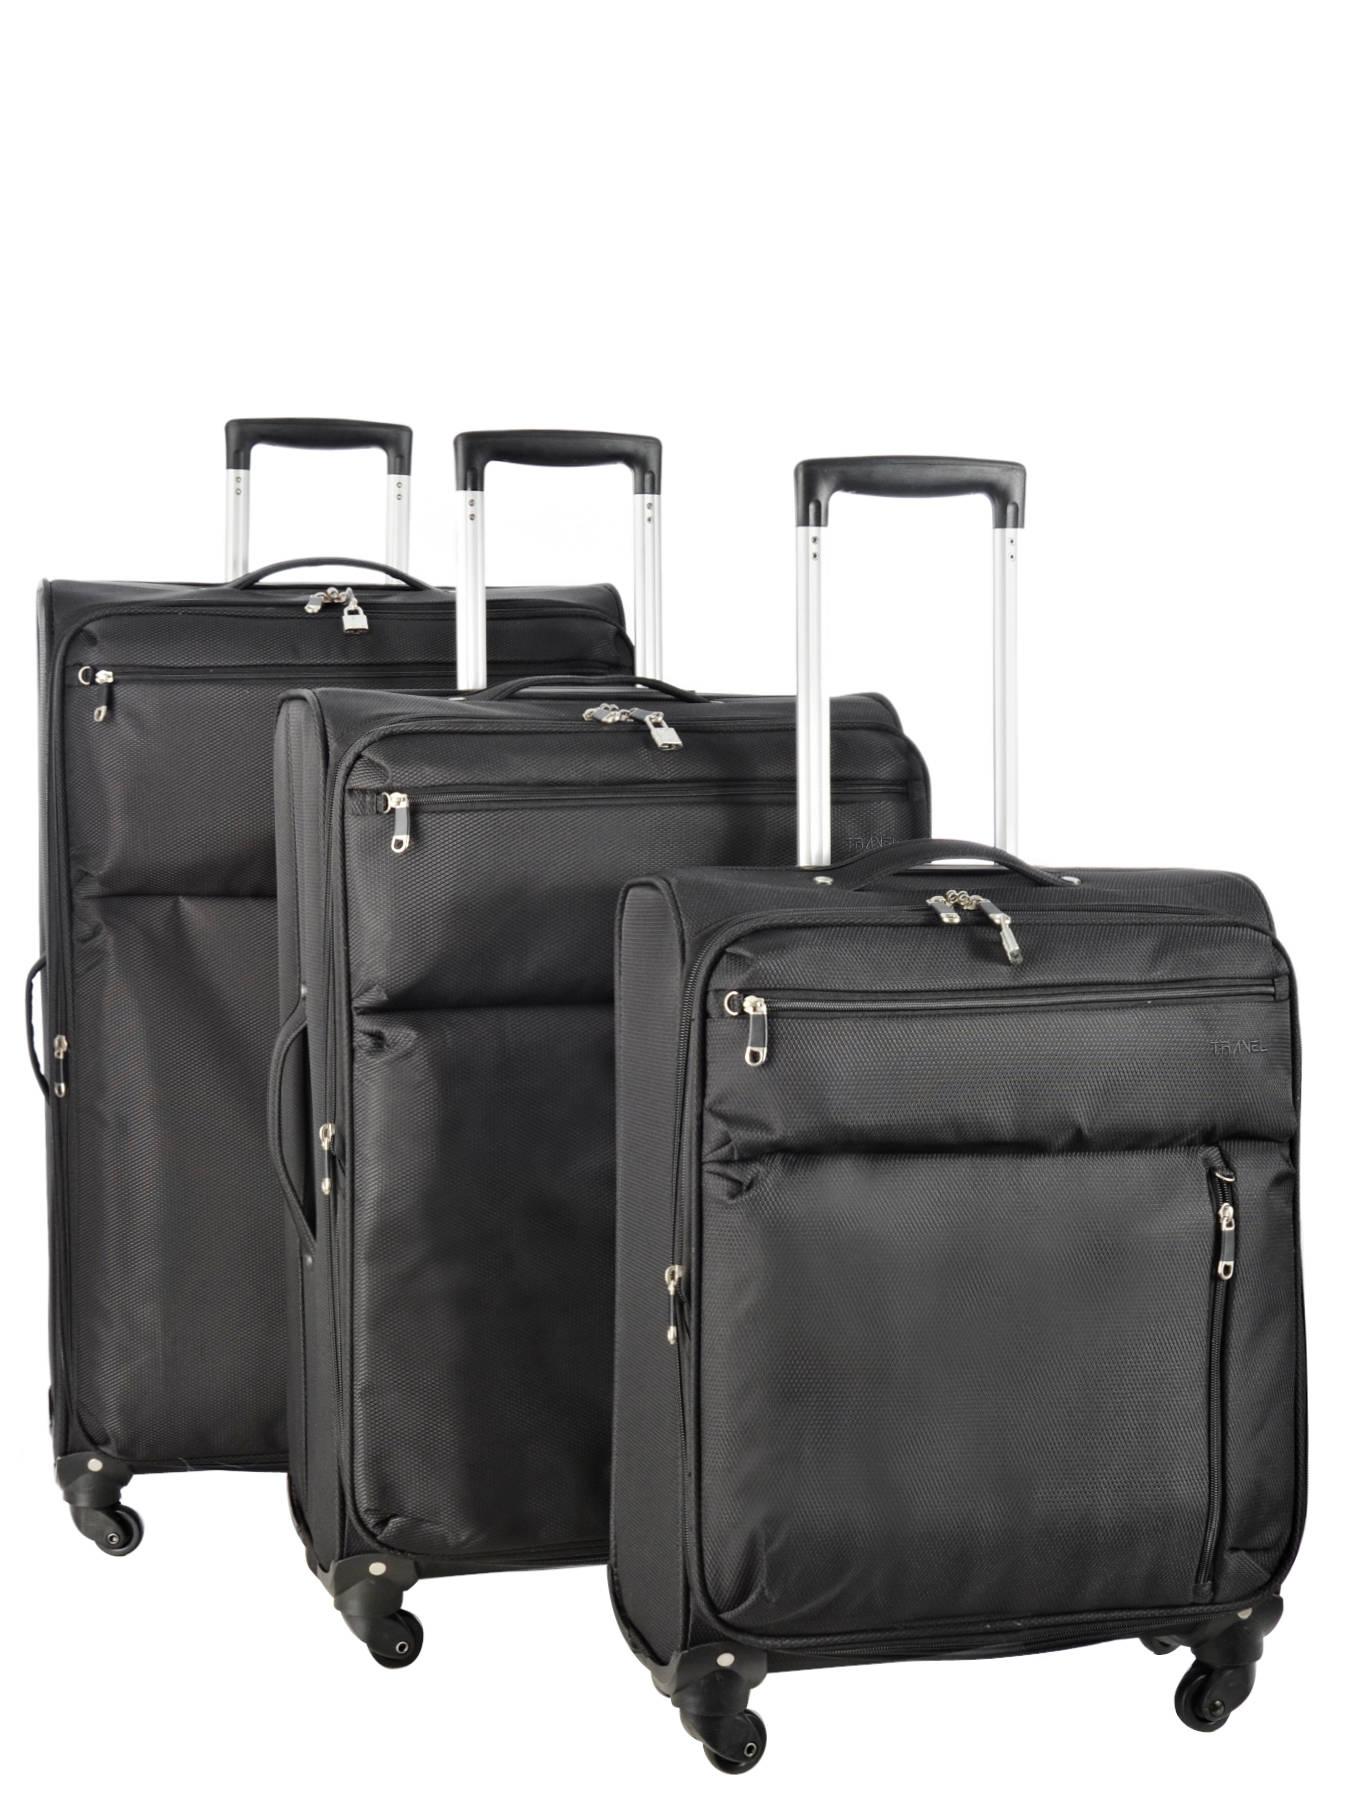 code promo lot de valises bons et codes de r ductions lot de valises. Black Bedroom Furniture Sets. Home Design Ideas